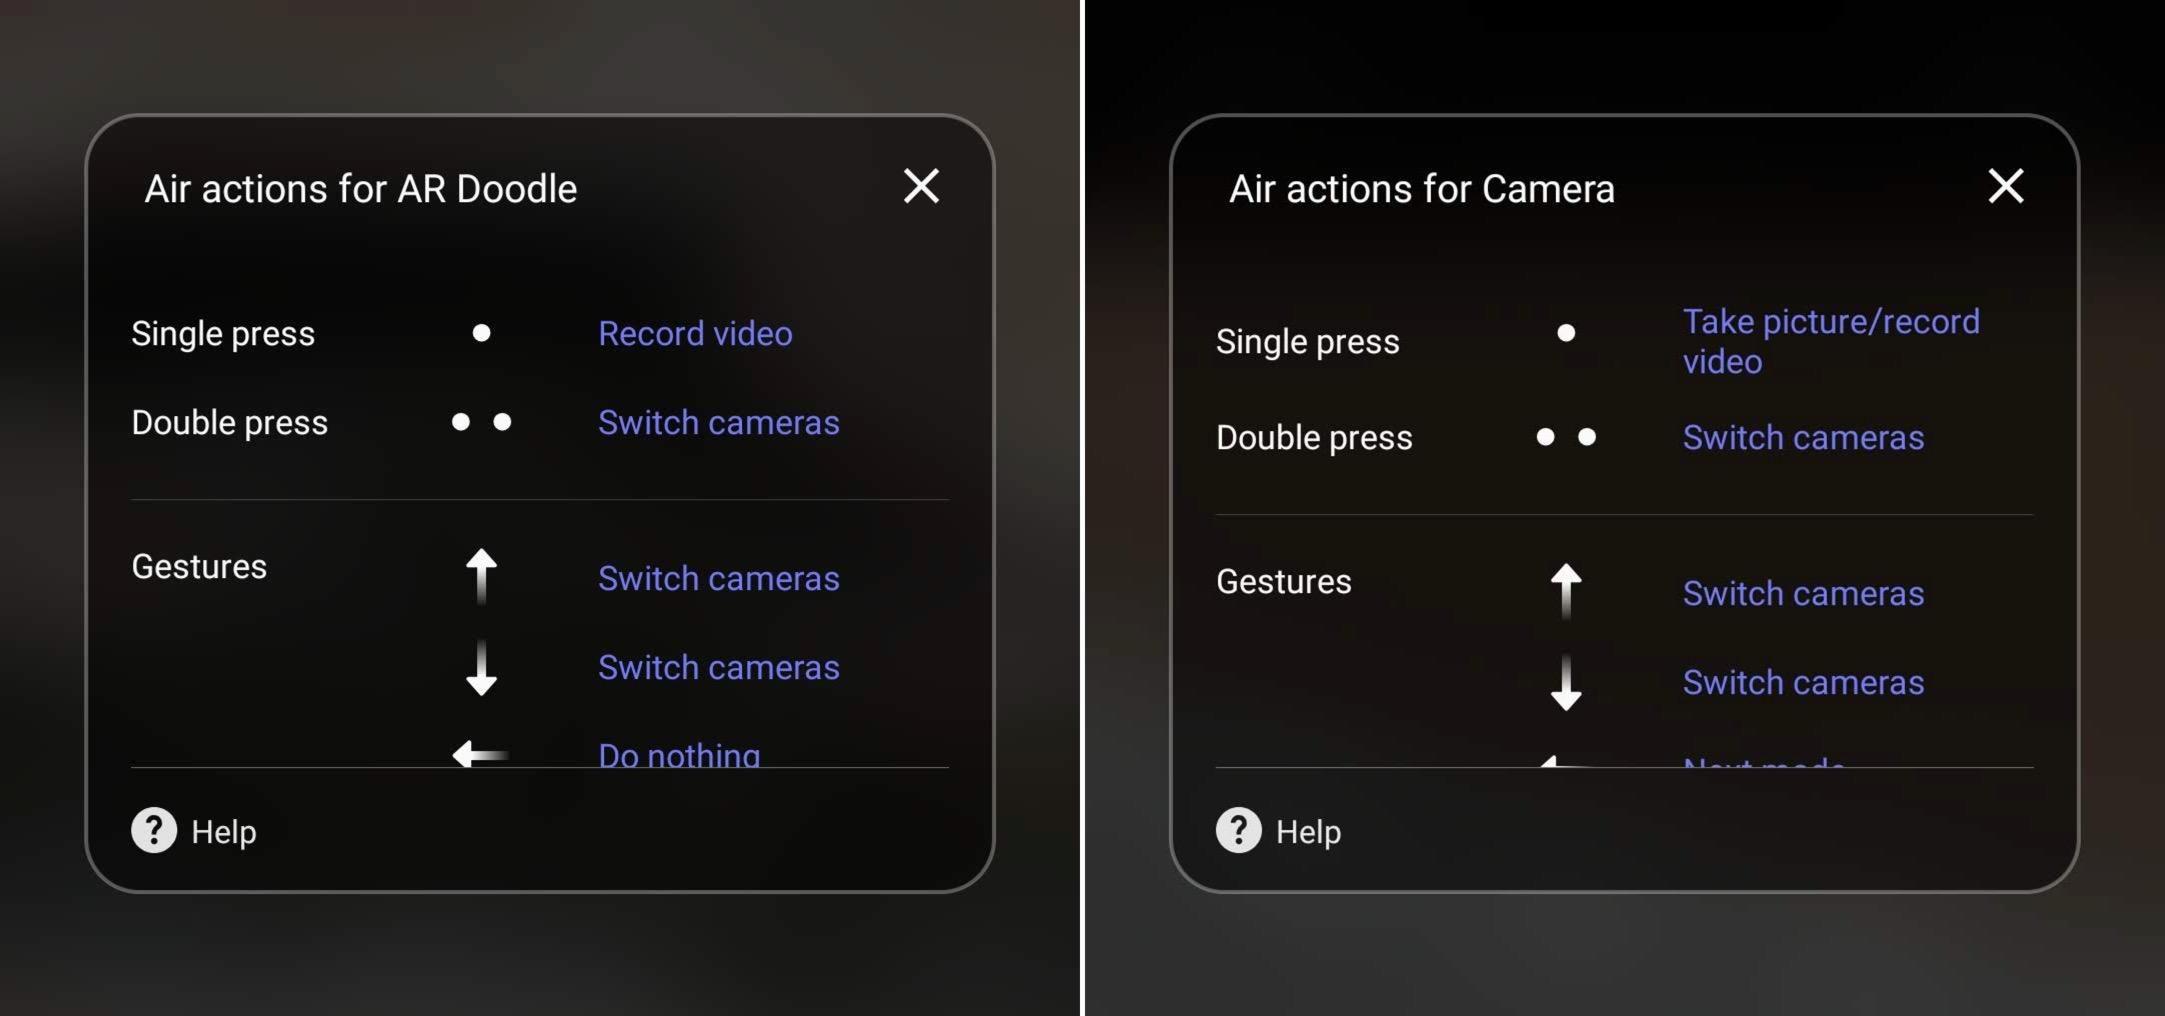 air-actions-camera